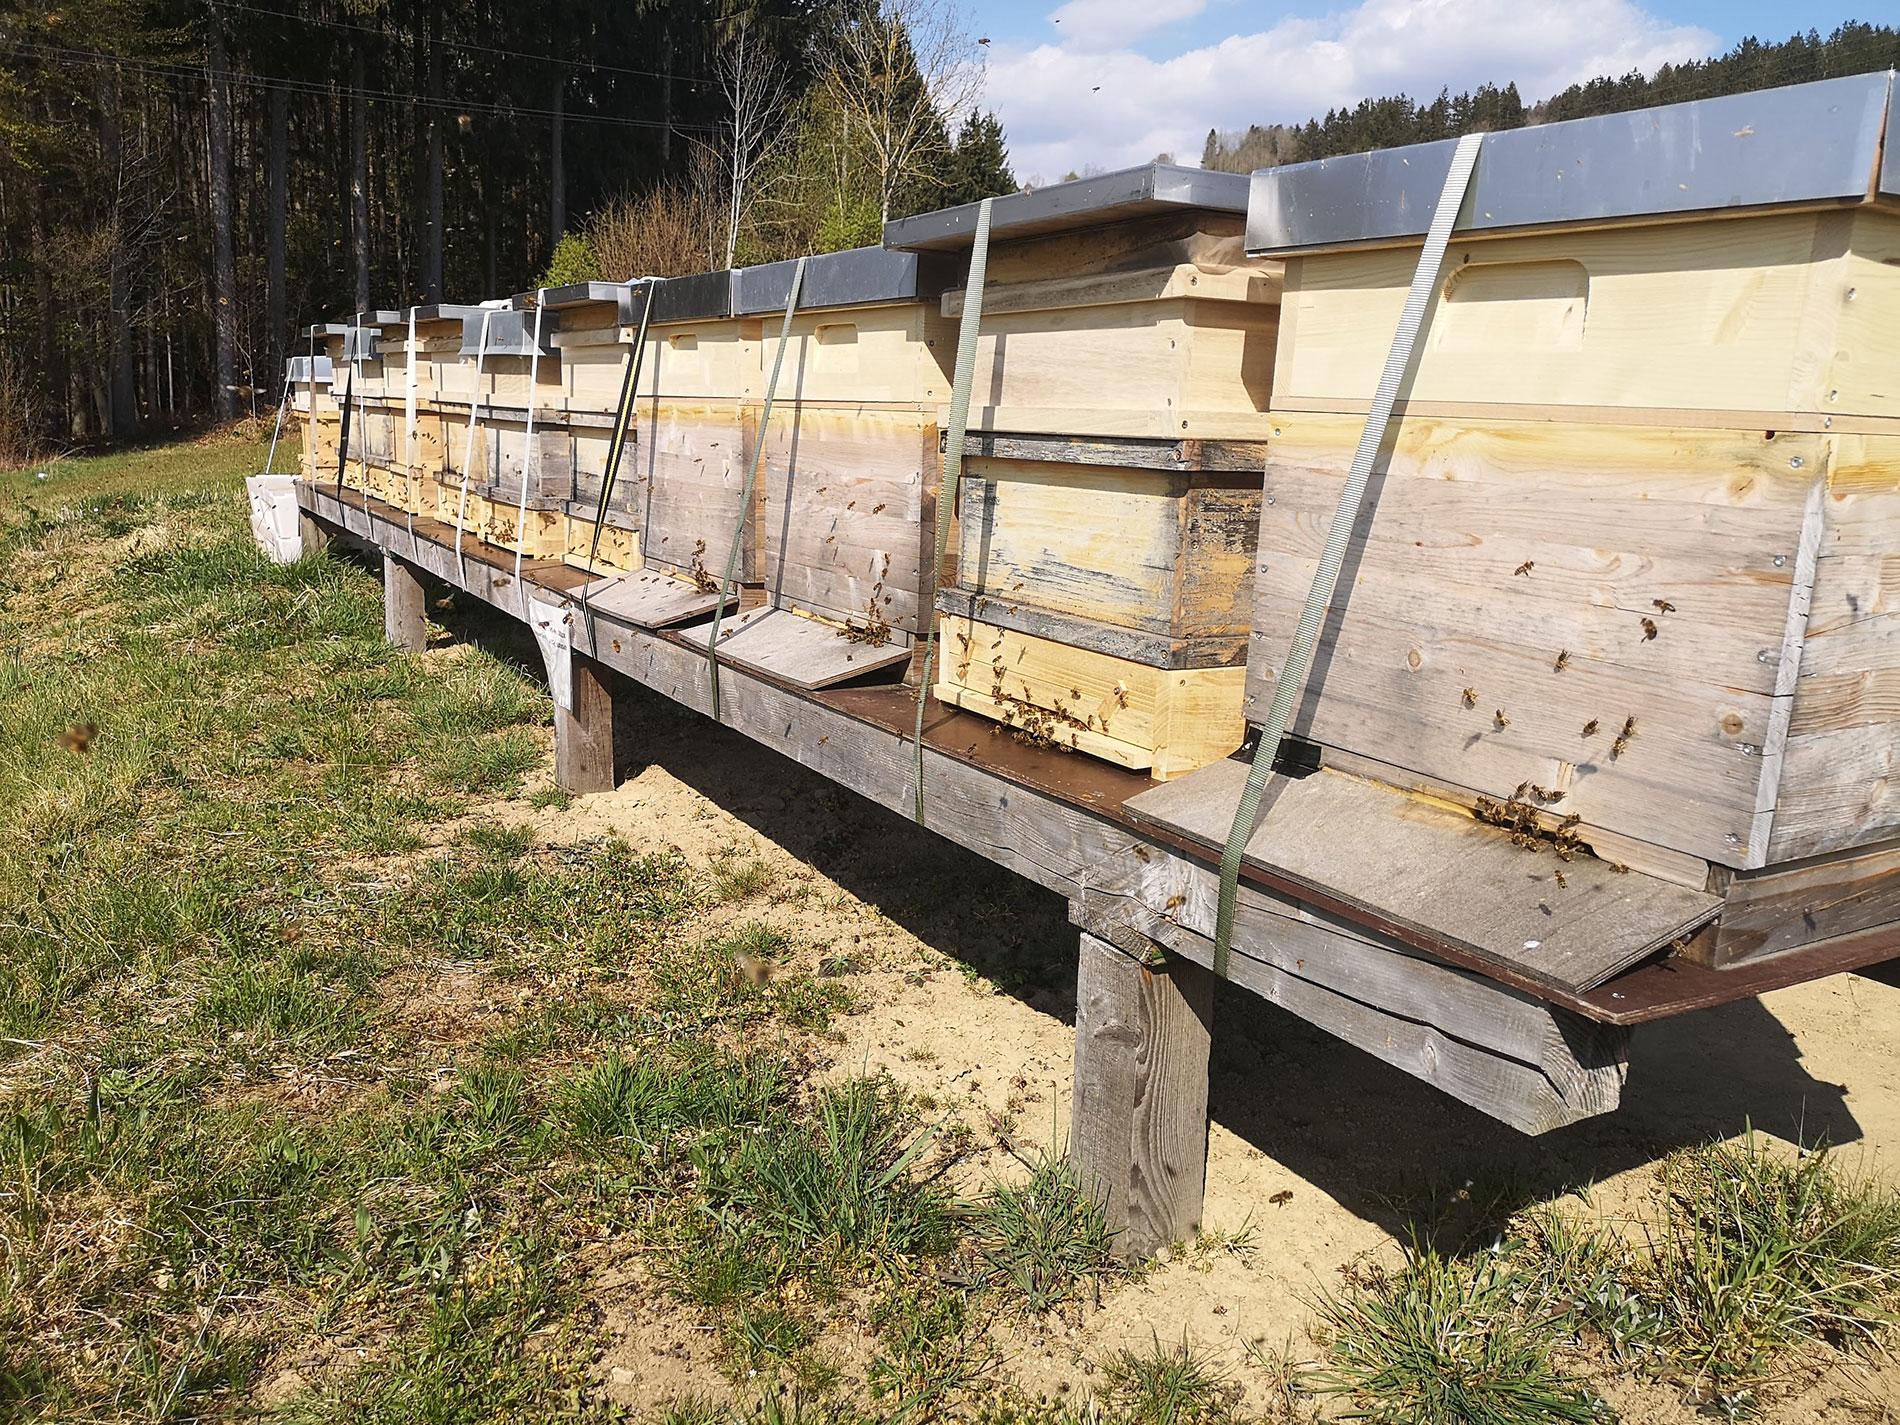 Bio Imkerei Bramreither - Mühlviertel - Honigräume aufsetzen - Nektar sammeln